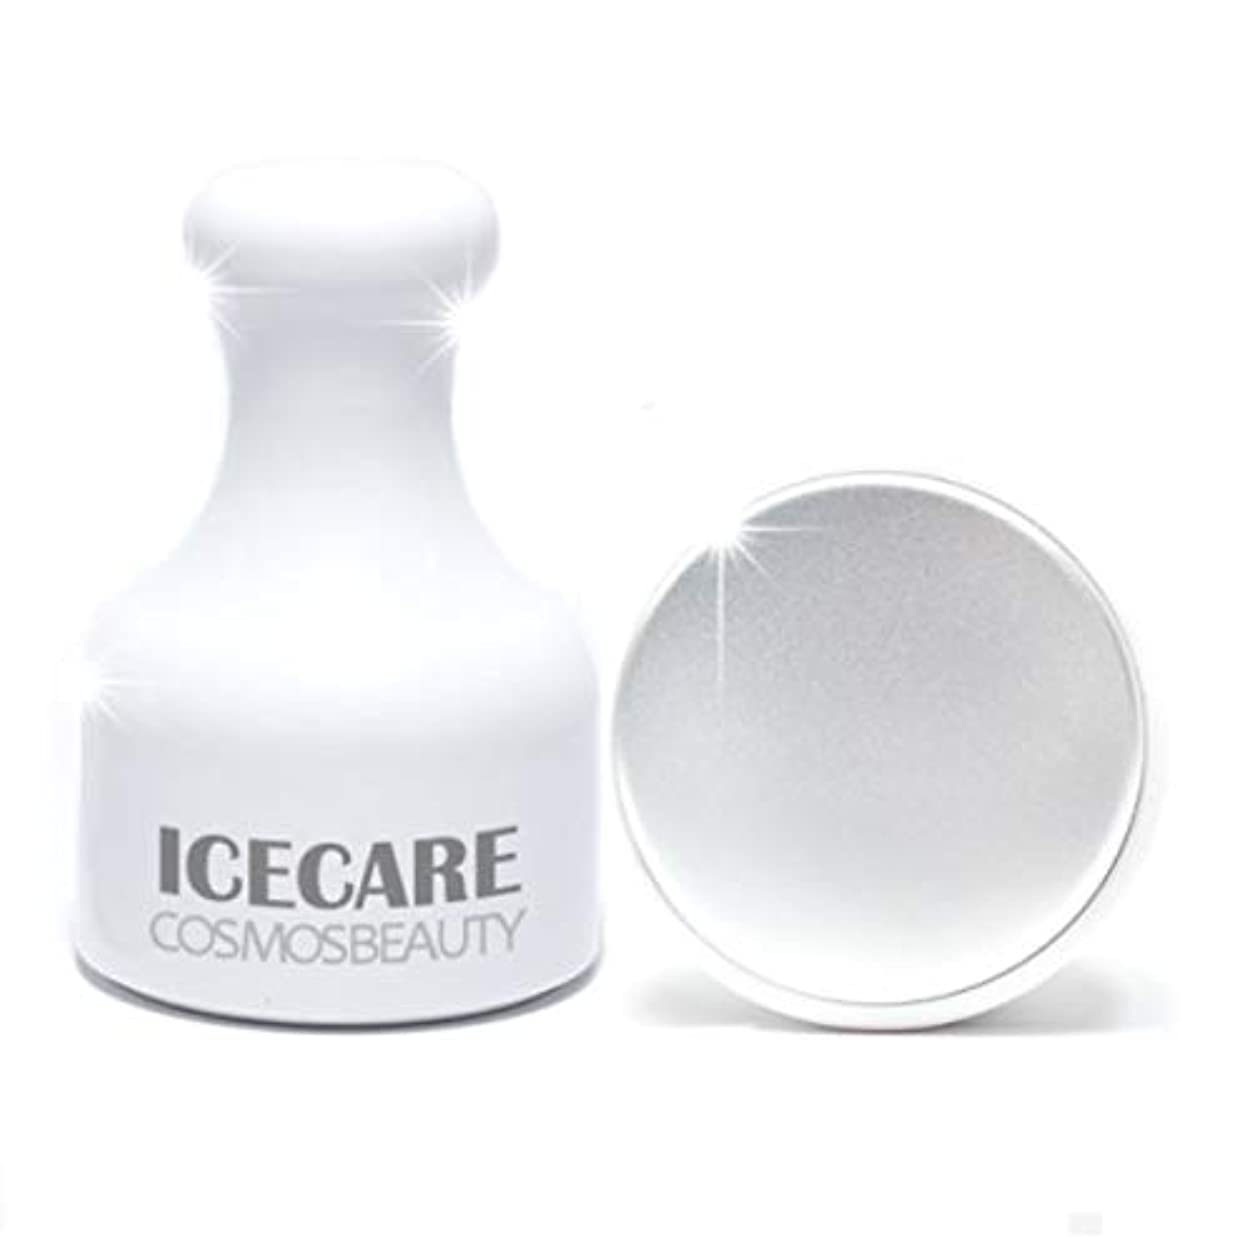 アクション登録する終わったCosmosbeauty Ice Care 毛穴ケア、冷マッサージ,フェイスクーラーアイスローラーフェイスローラー顔マッサージ機構の腫れ抜き方法毛穴縮小(海外直送品)